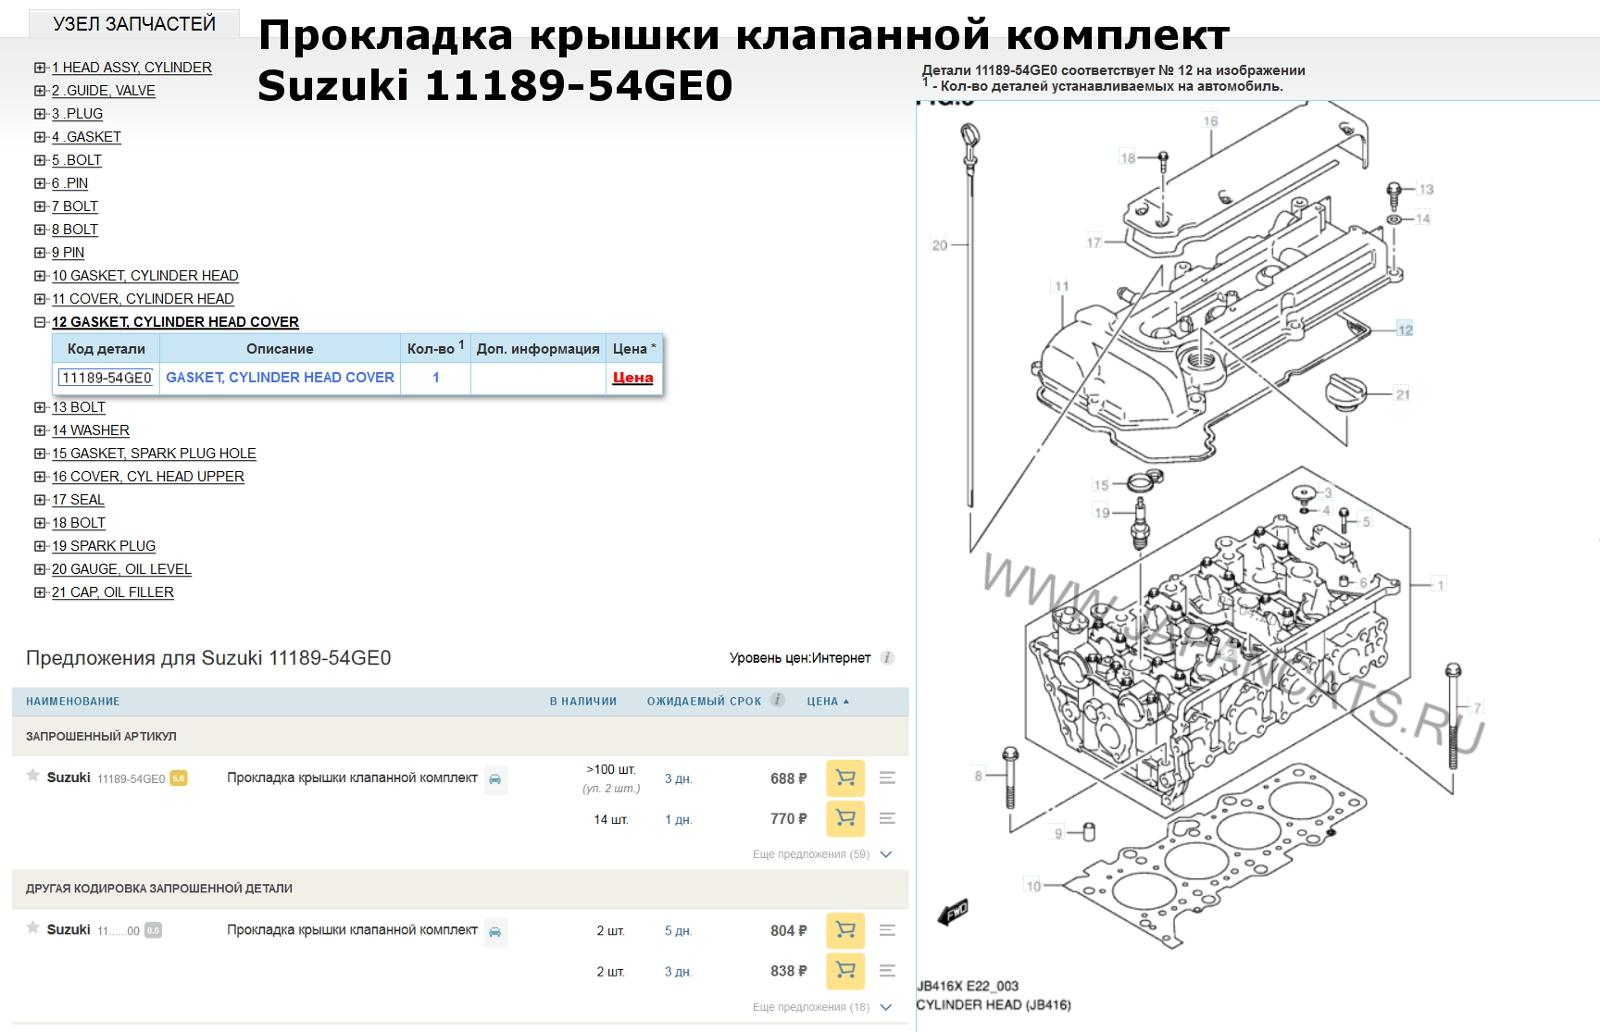 Прокладка крышки клапанной S.jpg